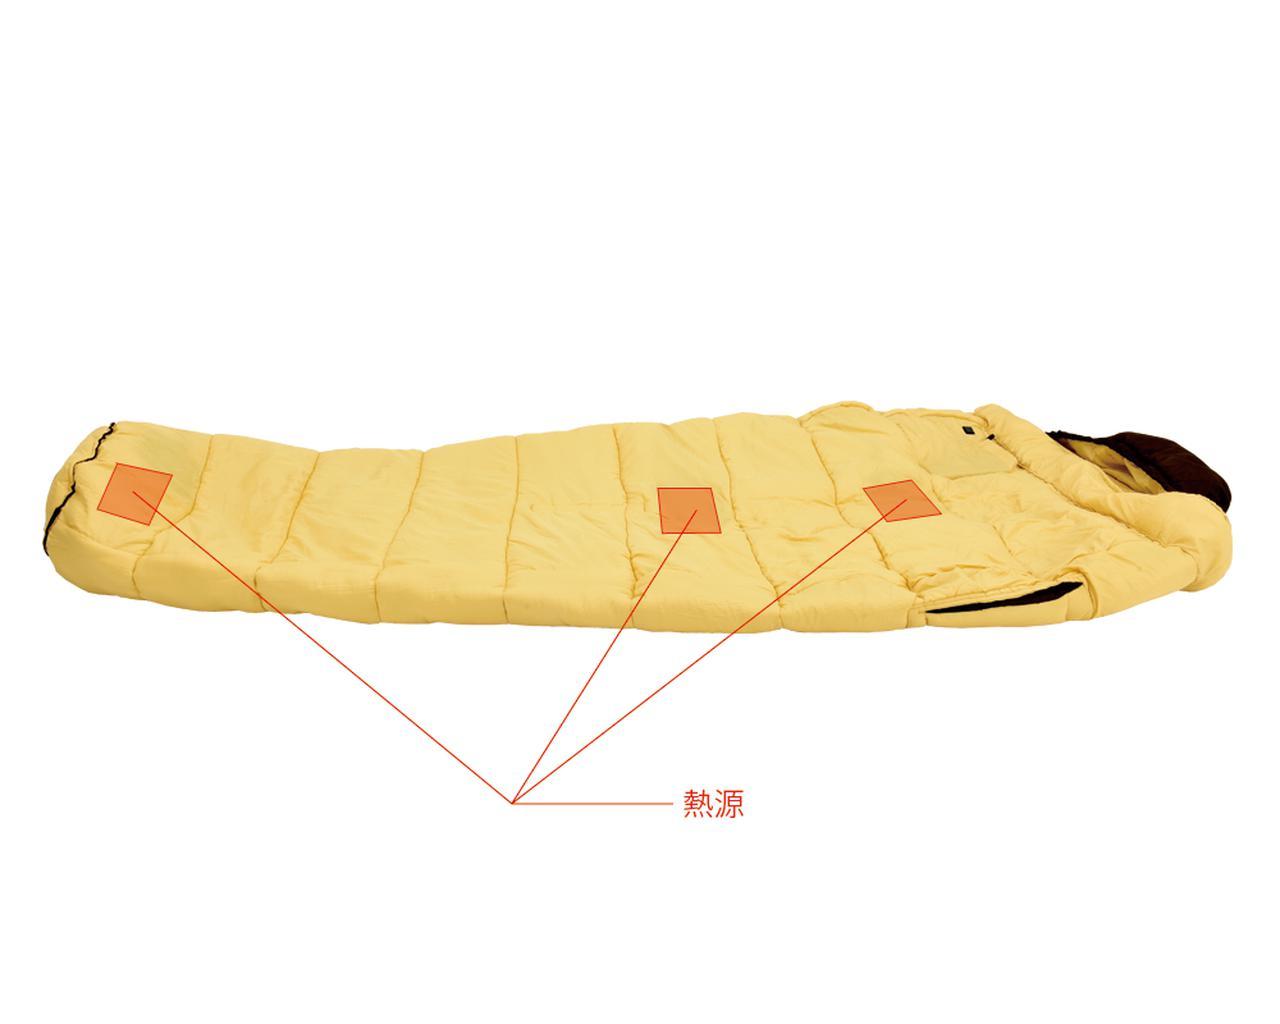 画像3: 冬場は寒くて眠れない? なら寝袋を暖めればいいじゃない